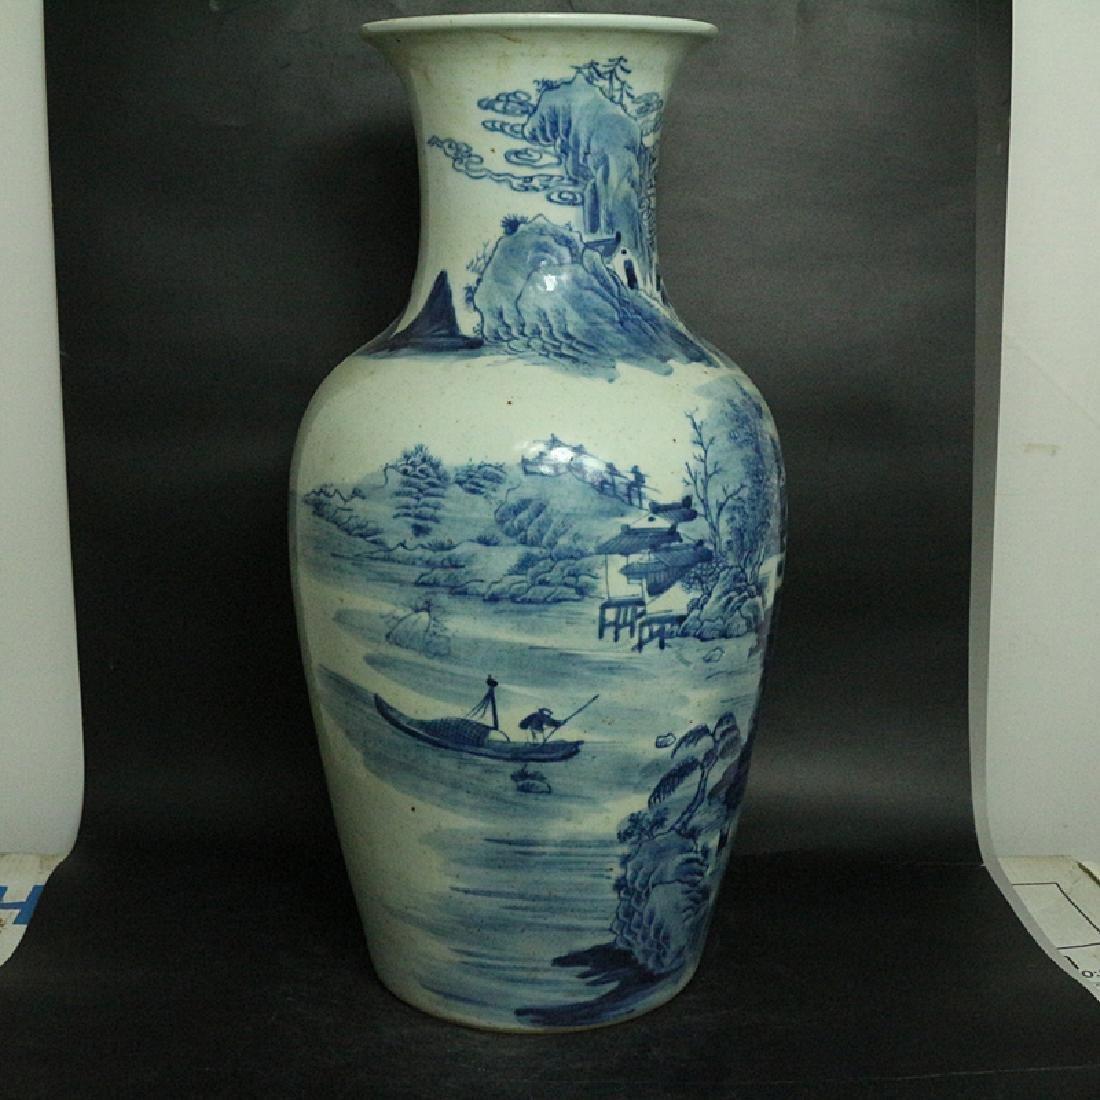 Chinese Qing Dynasty Blue & White Glazed Porcelain Vase - 4